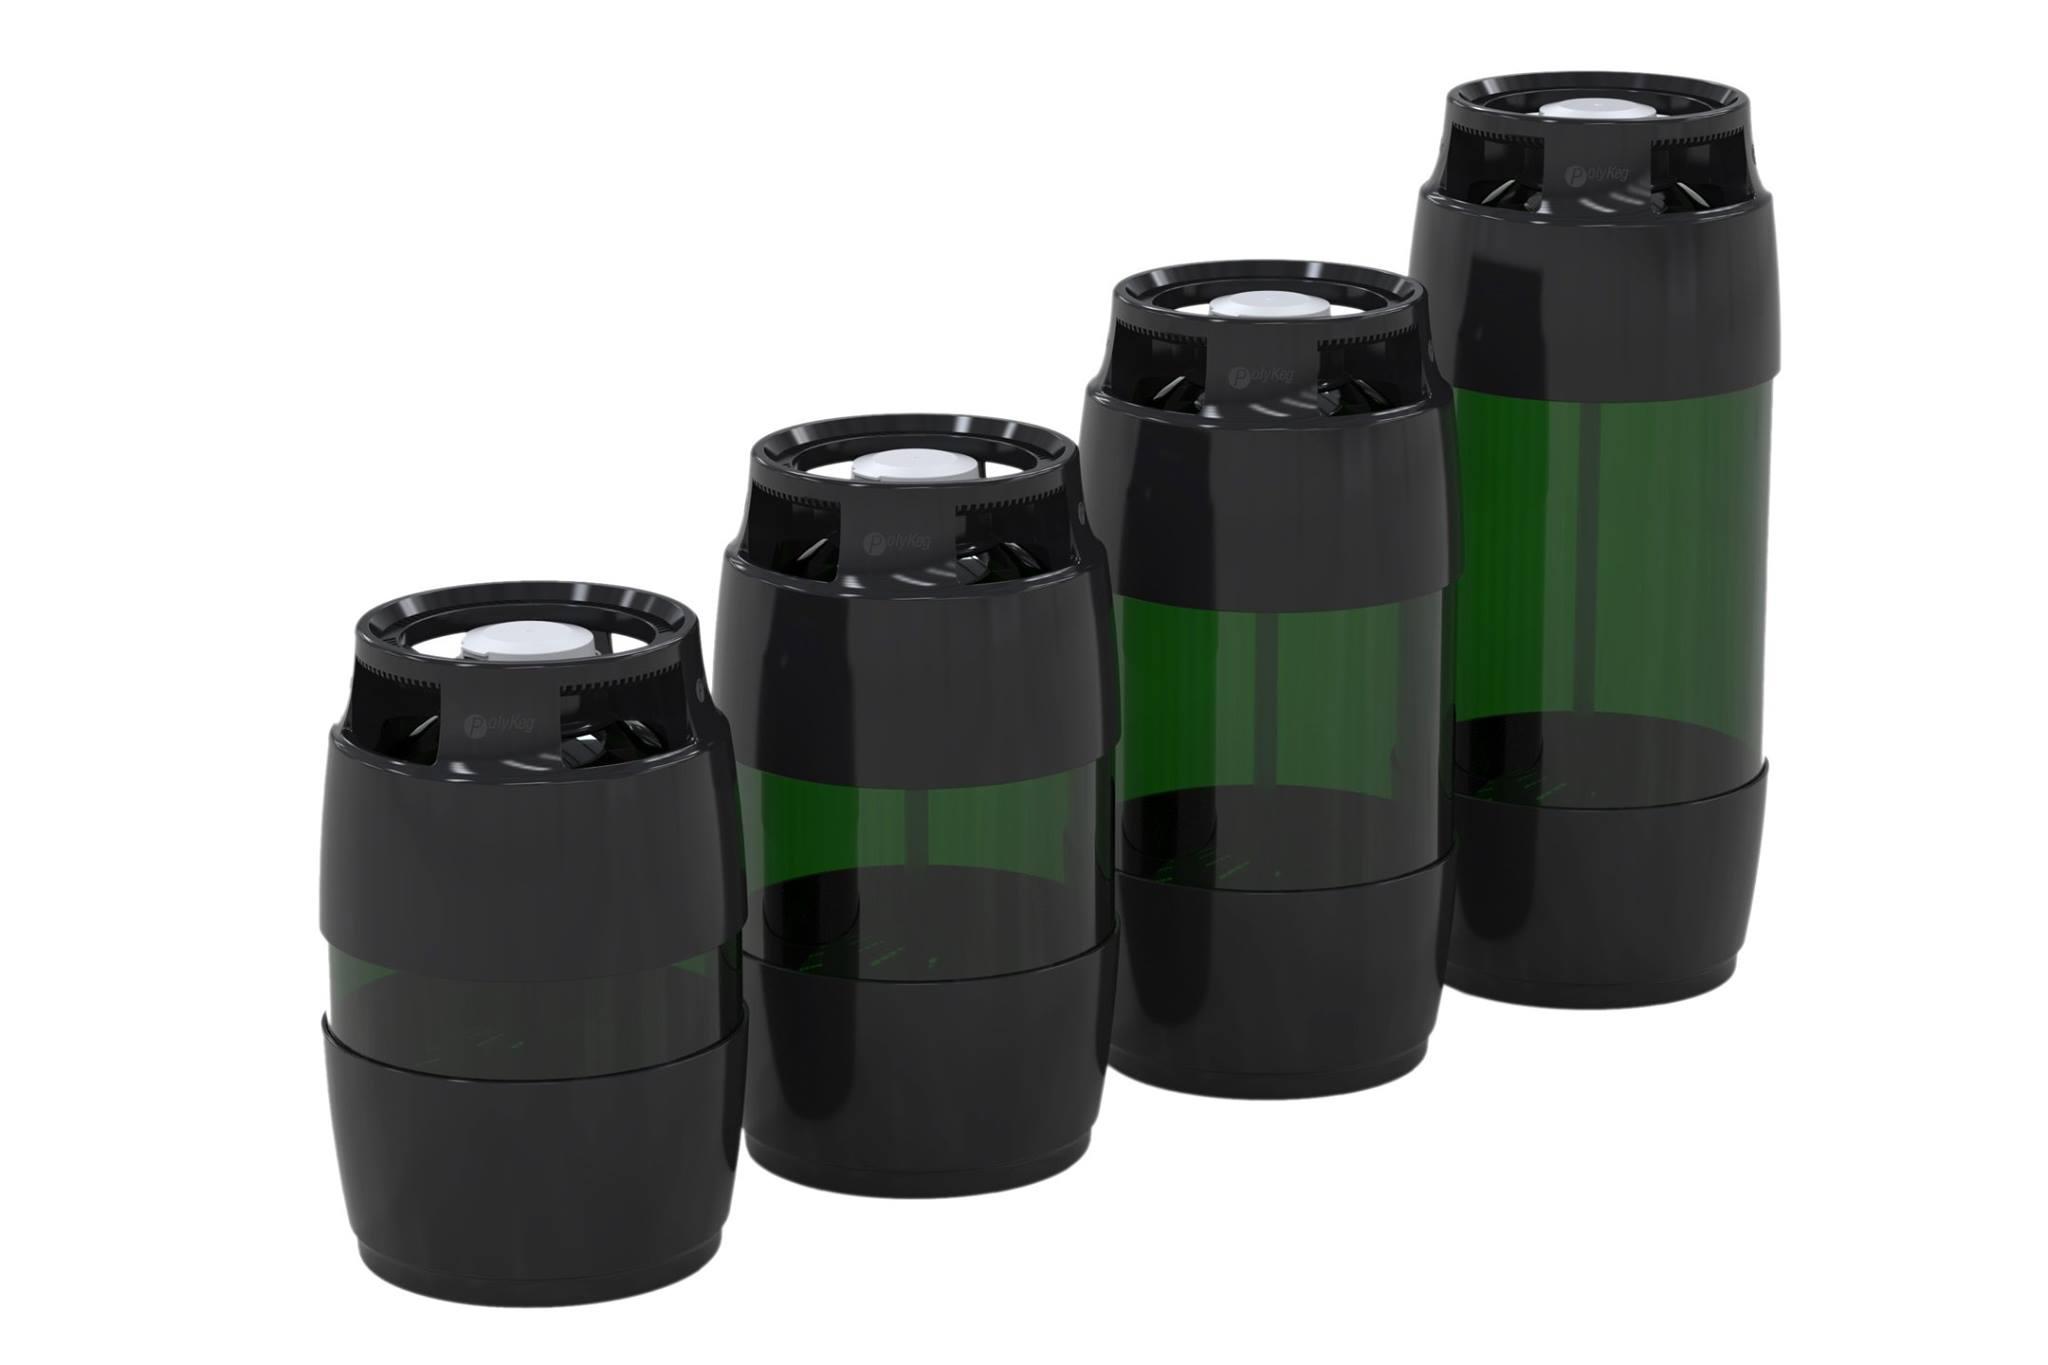 Novelty in offer! Premium Kegs from PolyKeg